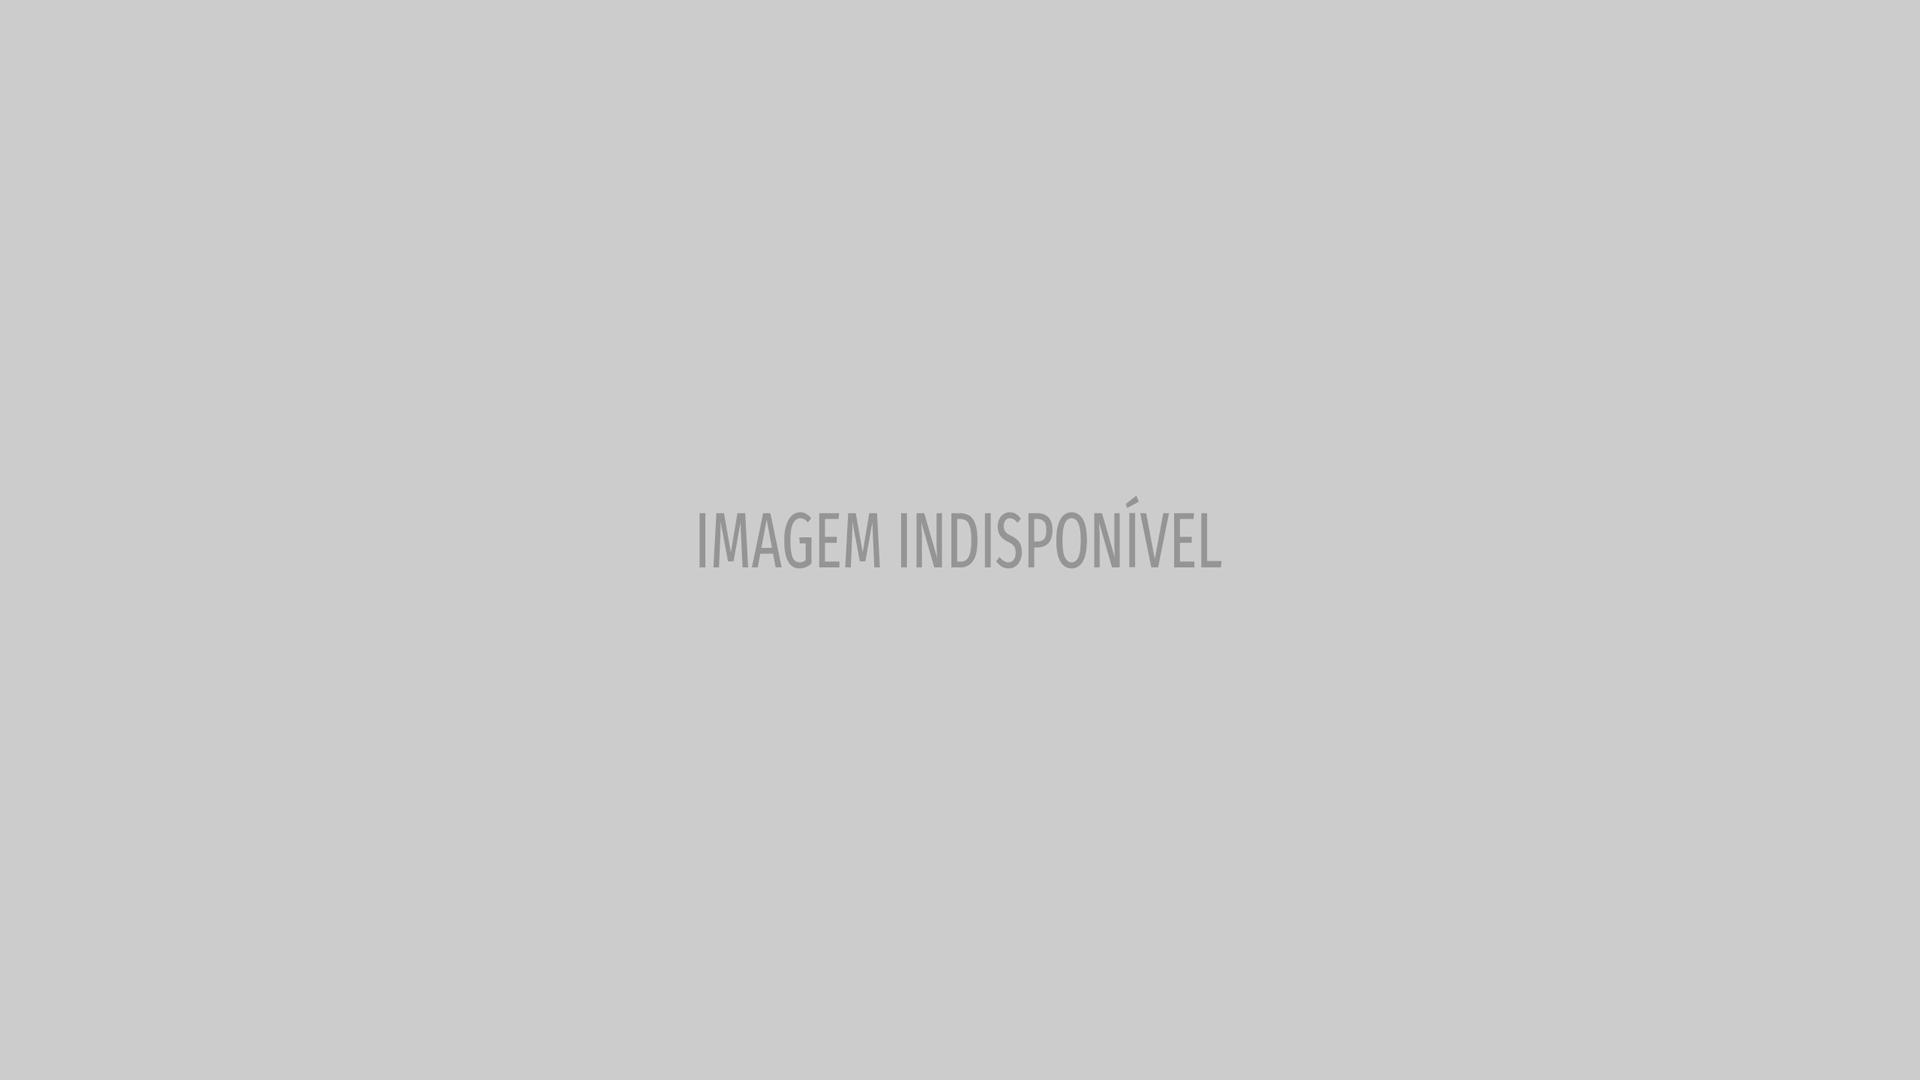 Sabia que Rita Pereira já estava grávida quando fez esta capa de revista?